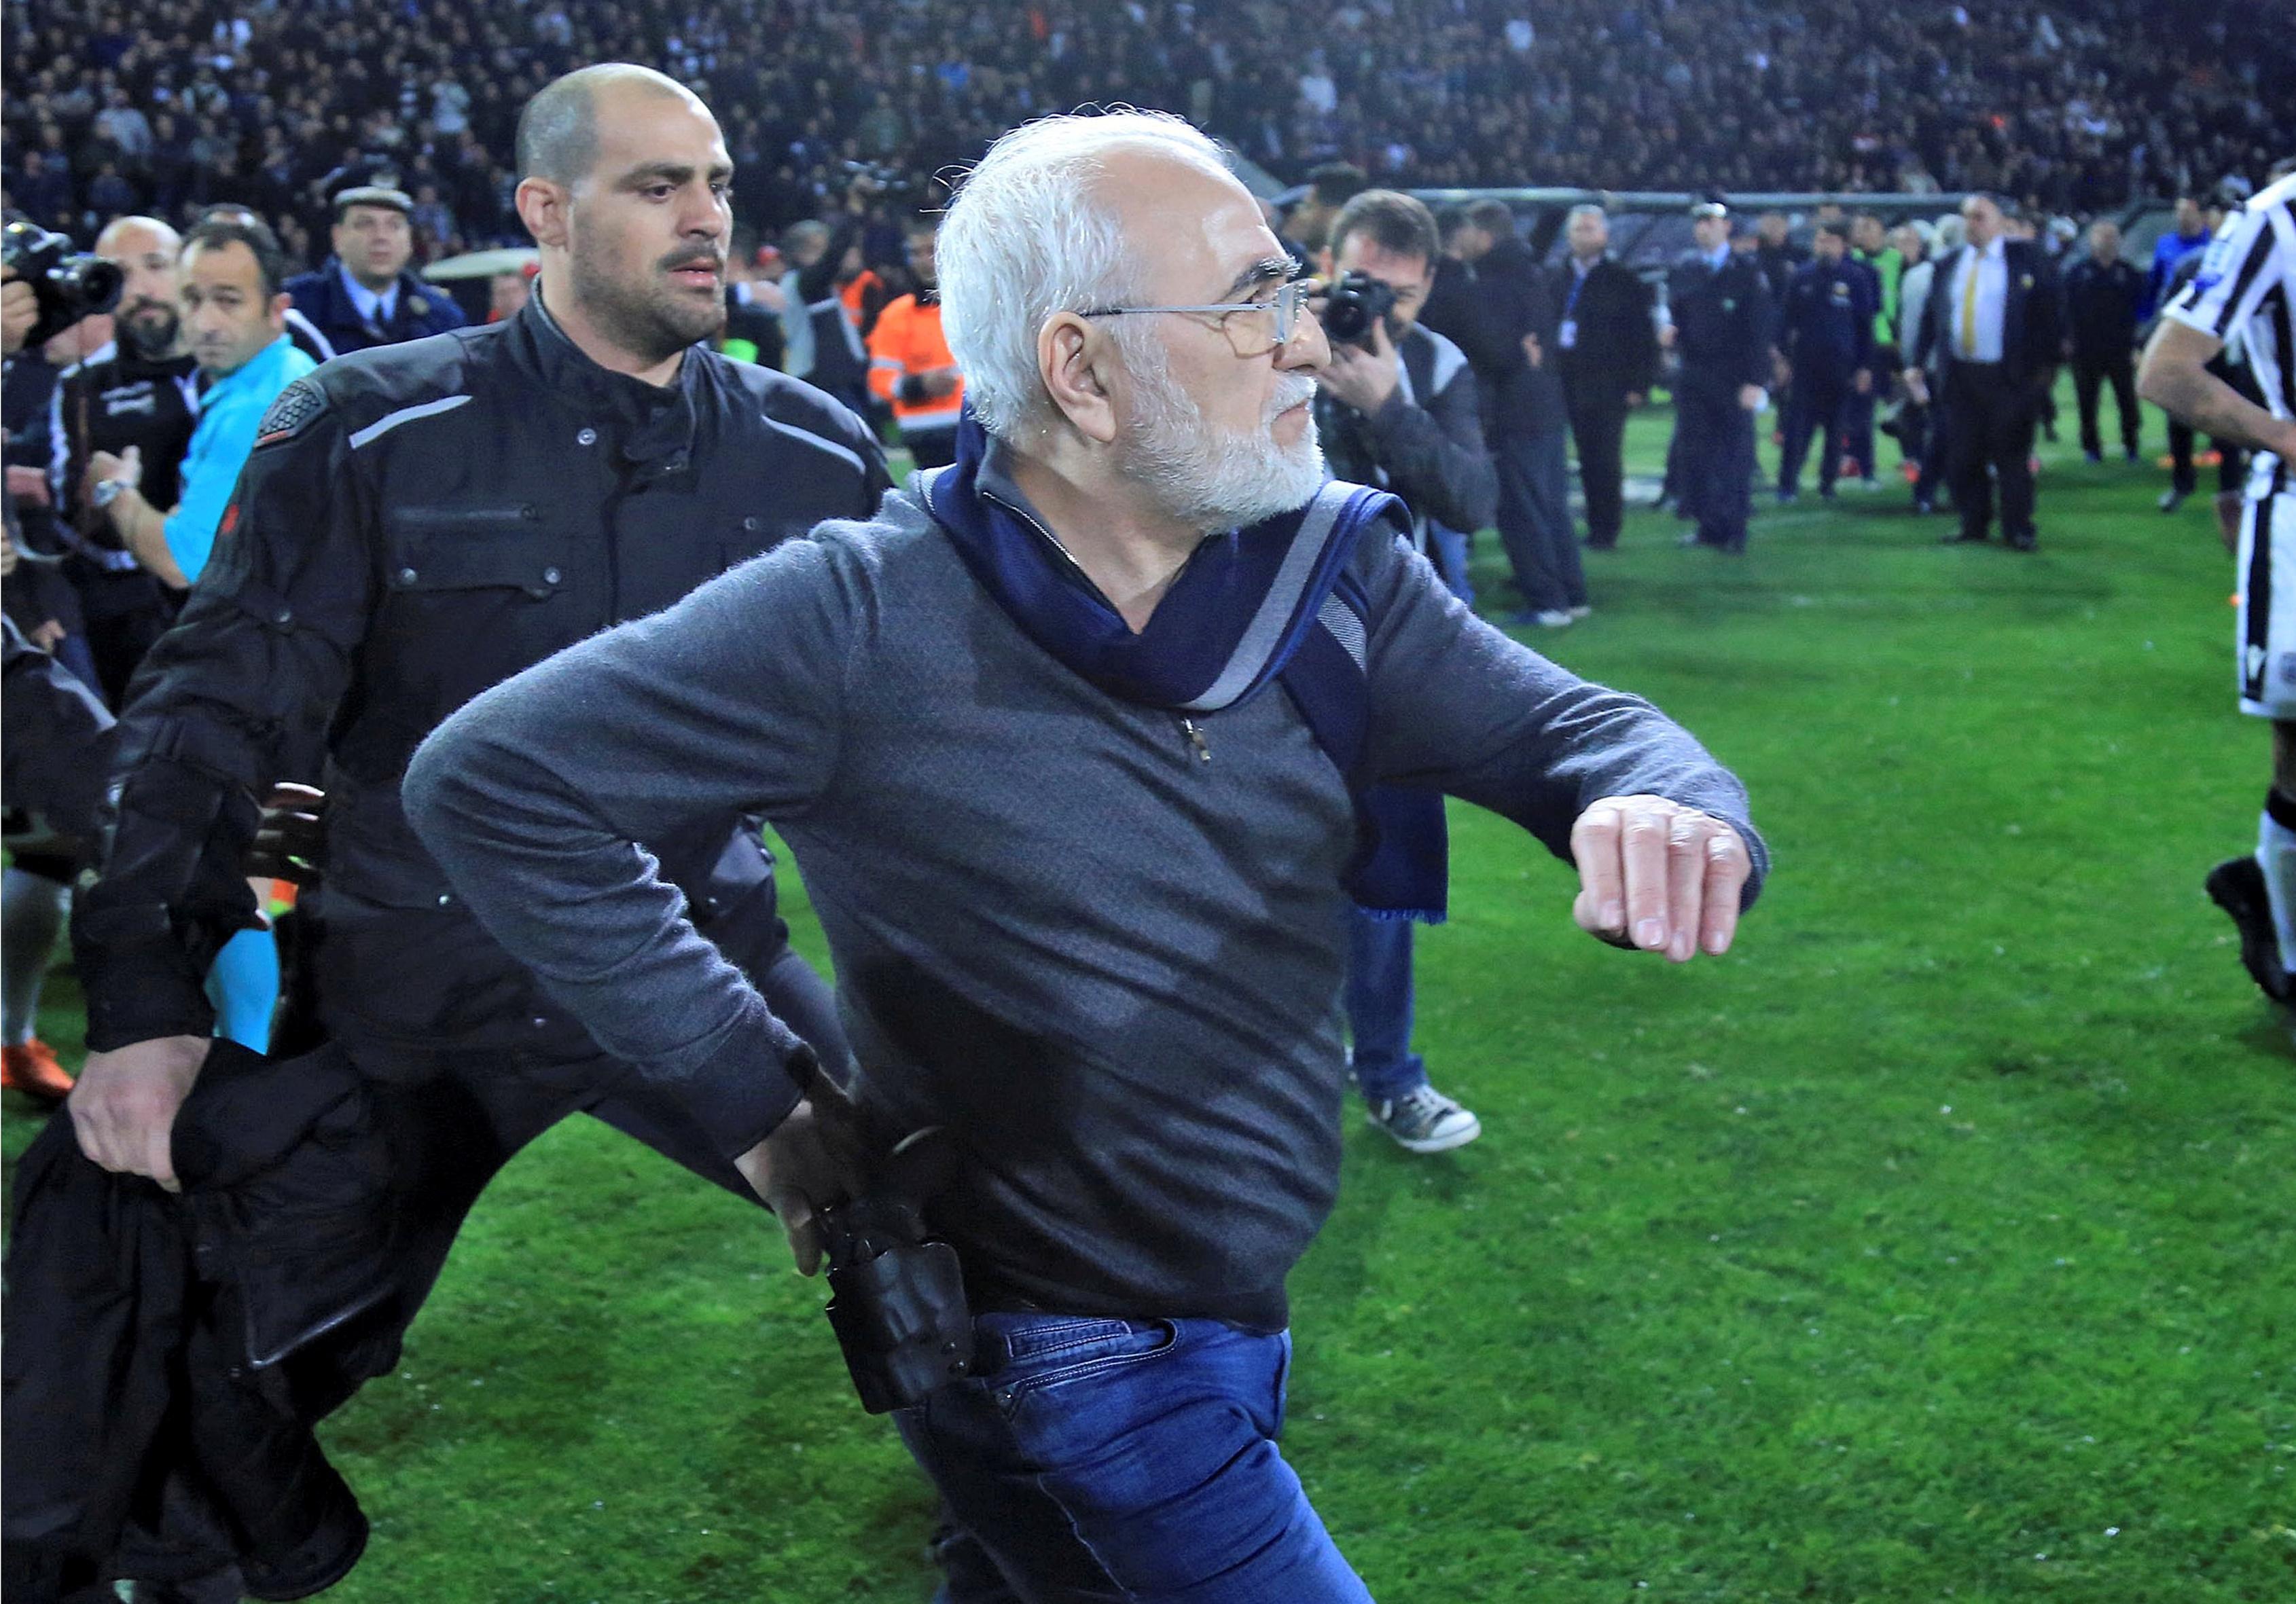 Presidente do PAOK Salónica invade campo com arma — Grécia